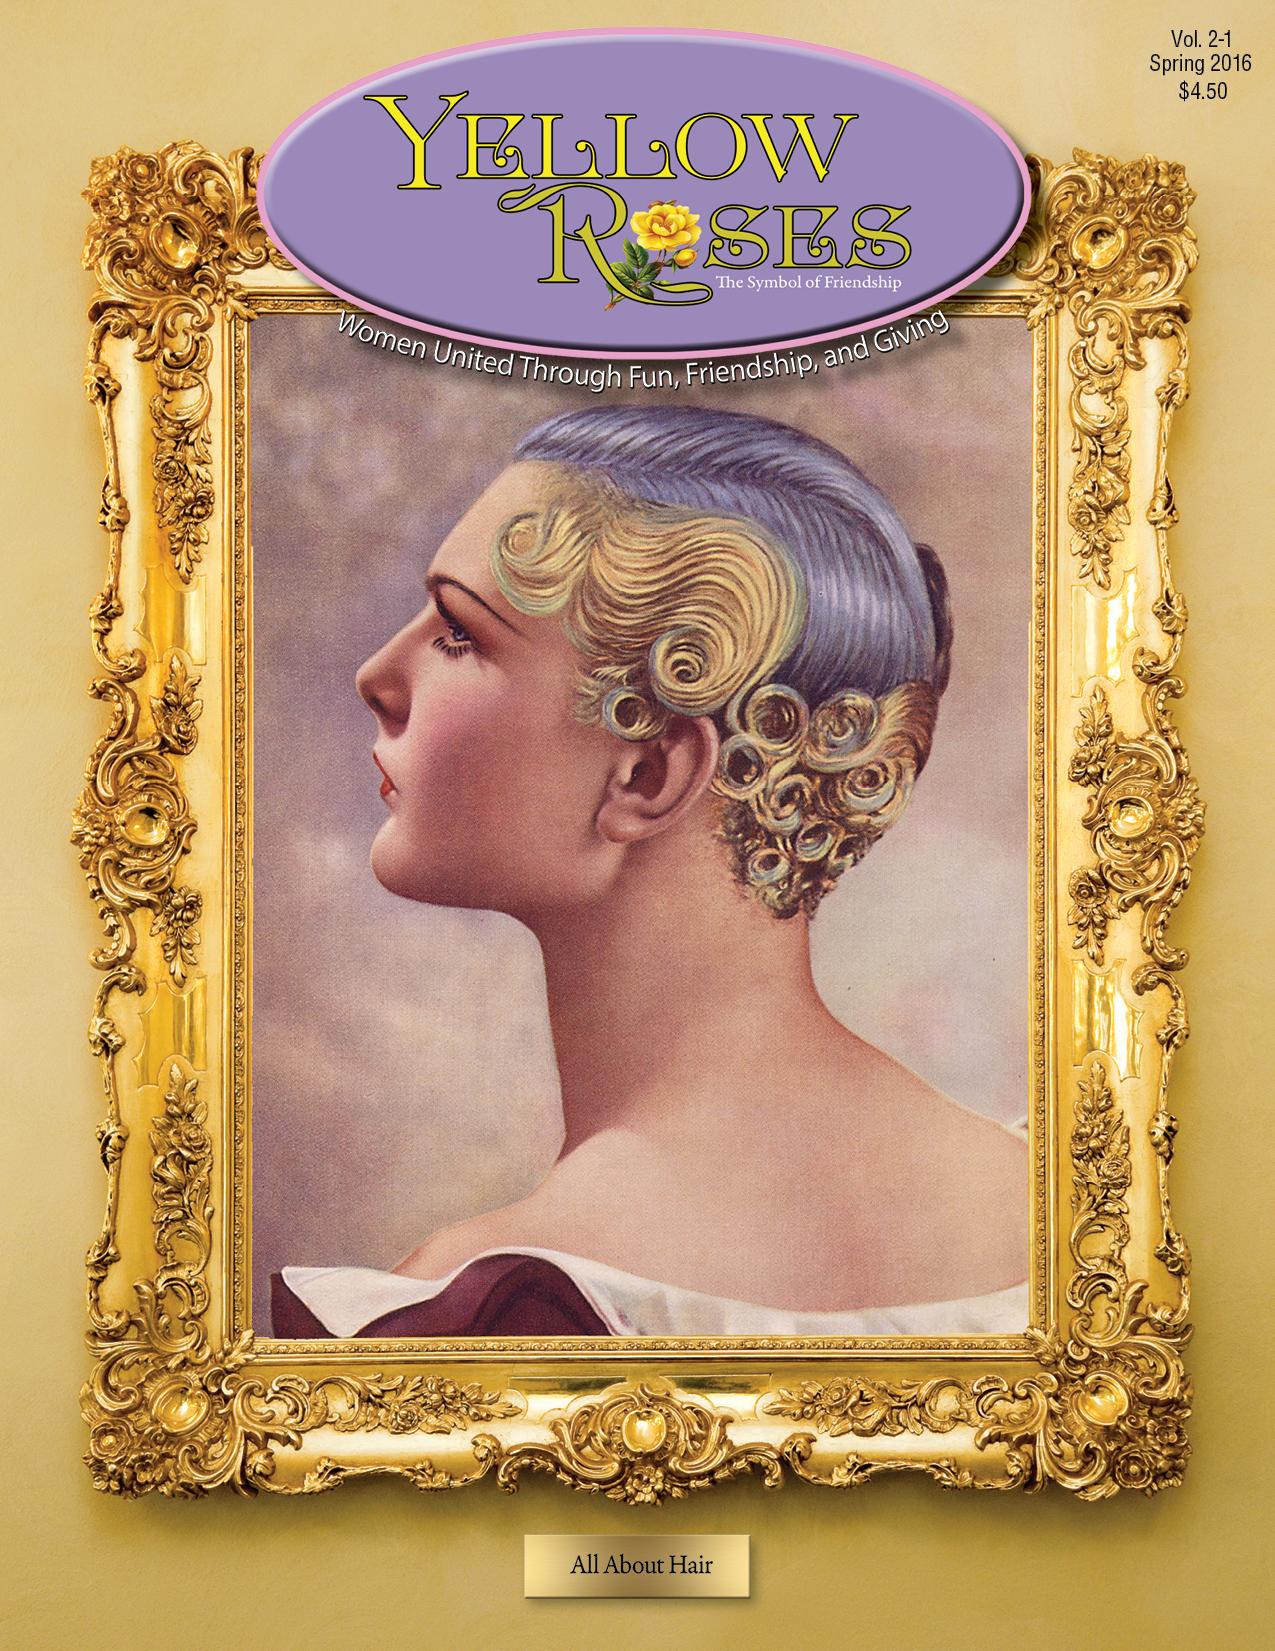 haircover.jpg